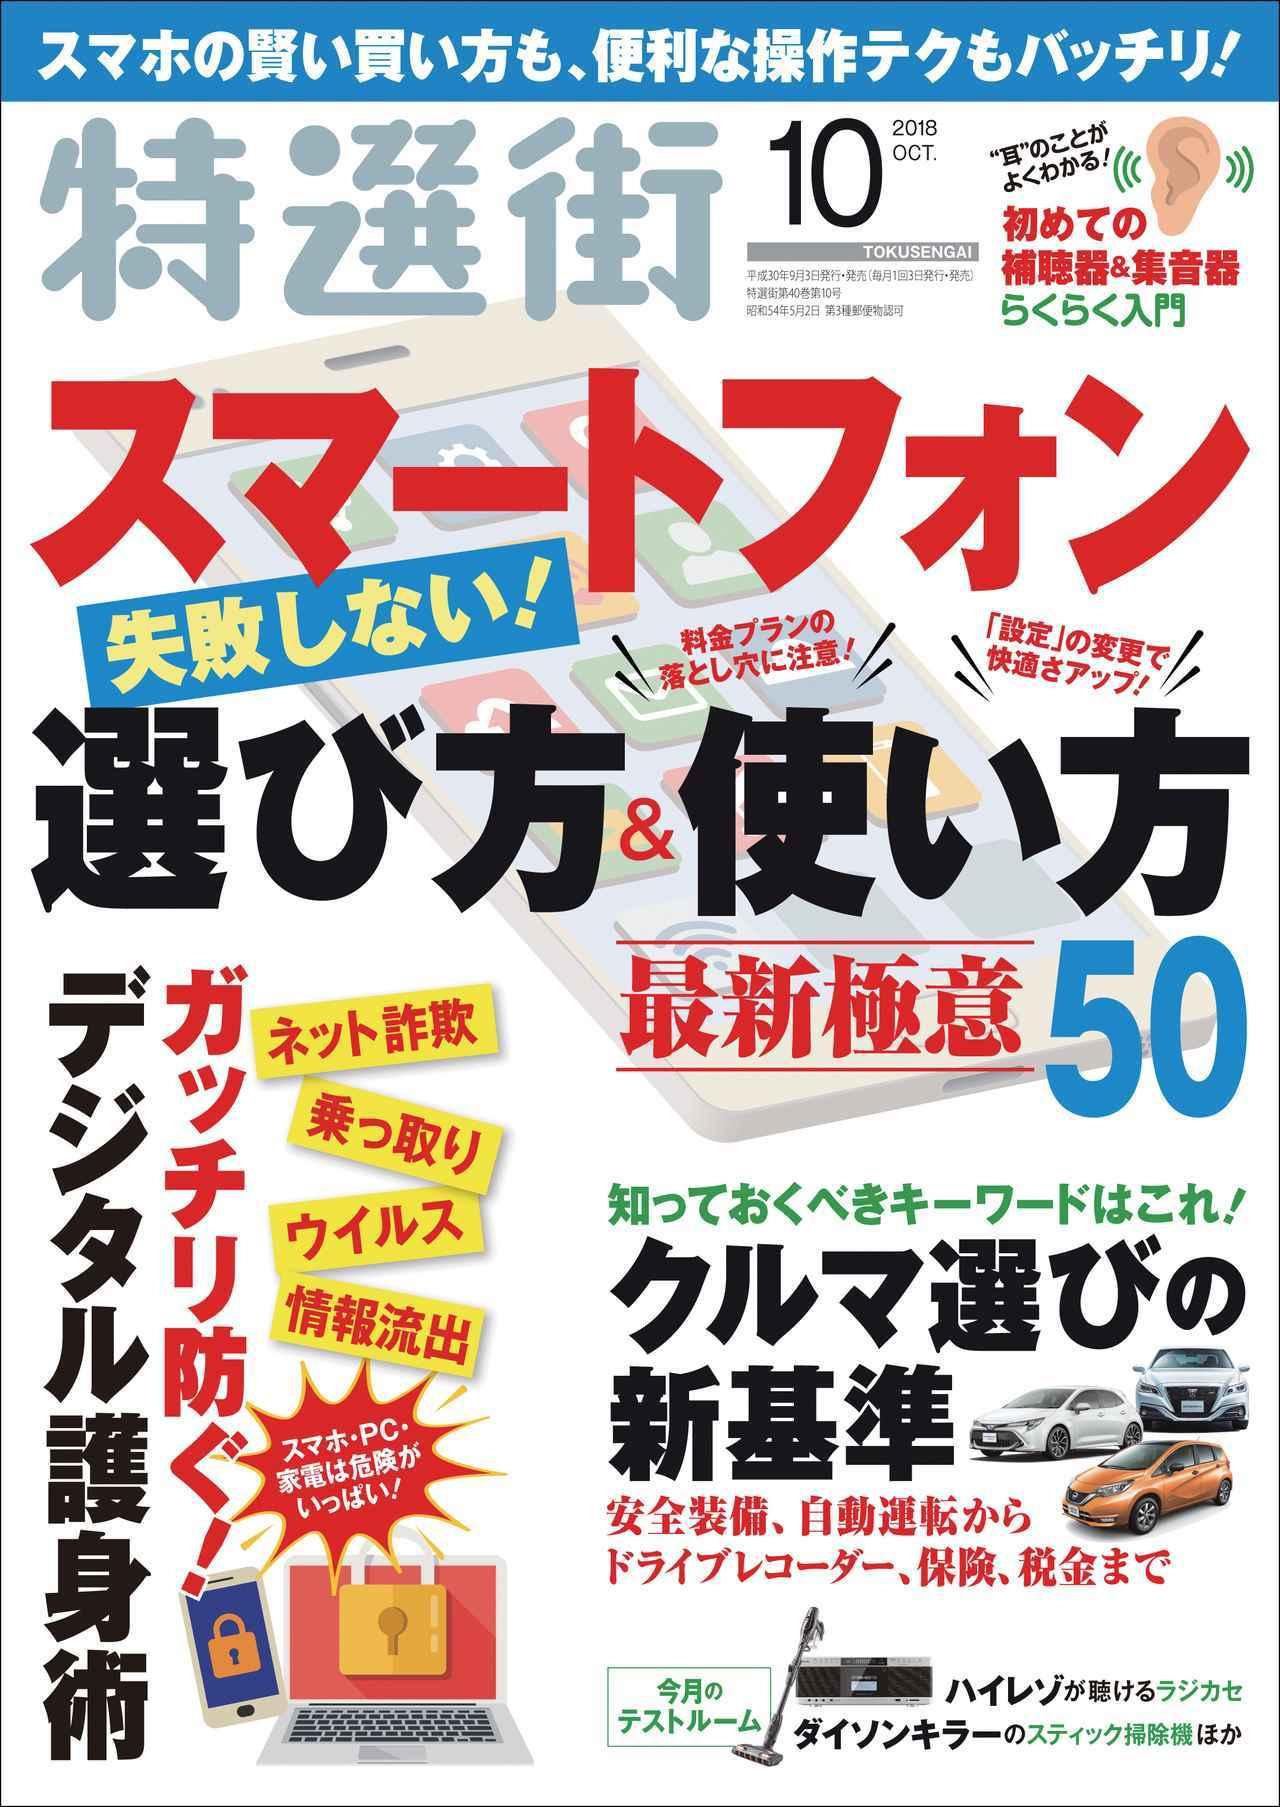 画像1: 「スマートフォンの選び方と使い方」を大特集。「特選街10月号」本日発売です!